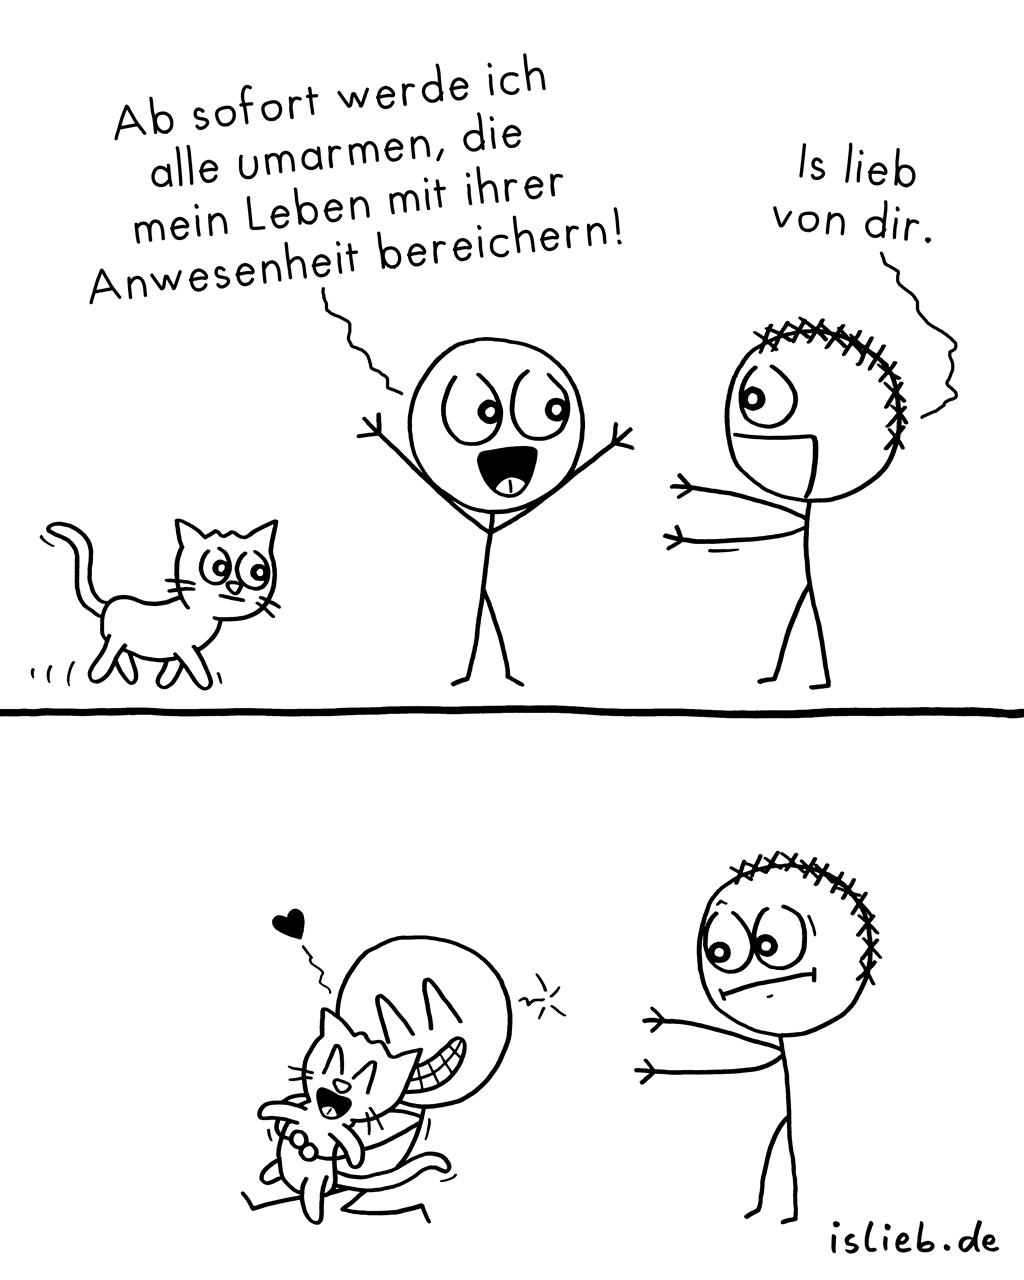 Alle umarmen | Strichmännchen-Comic | is lieb?